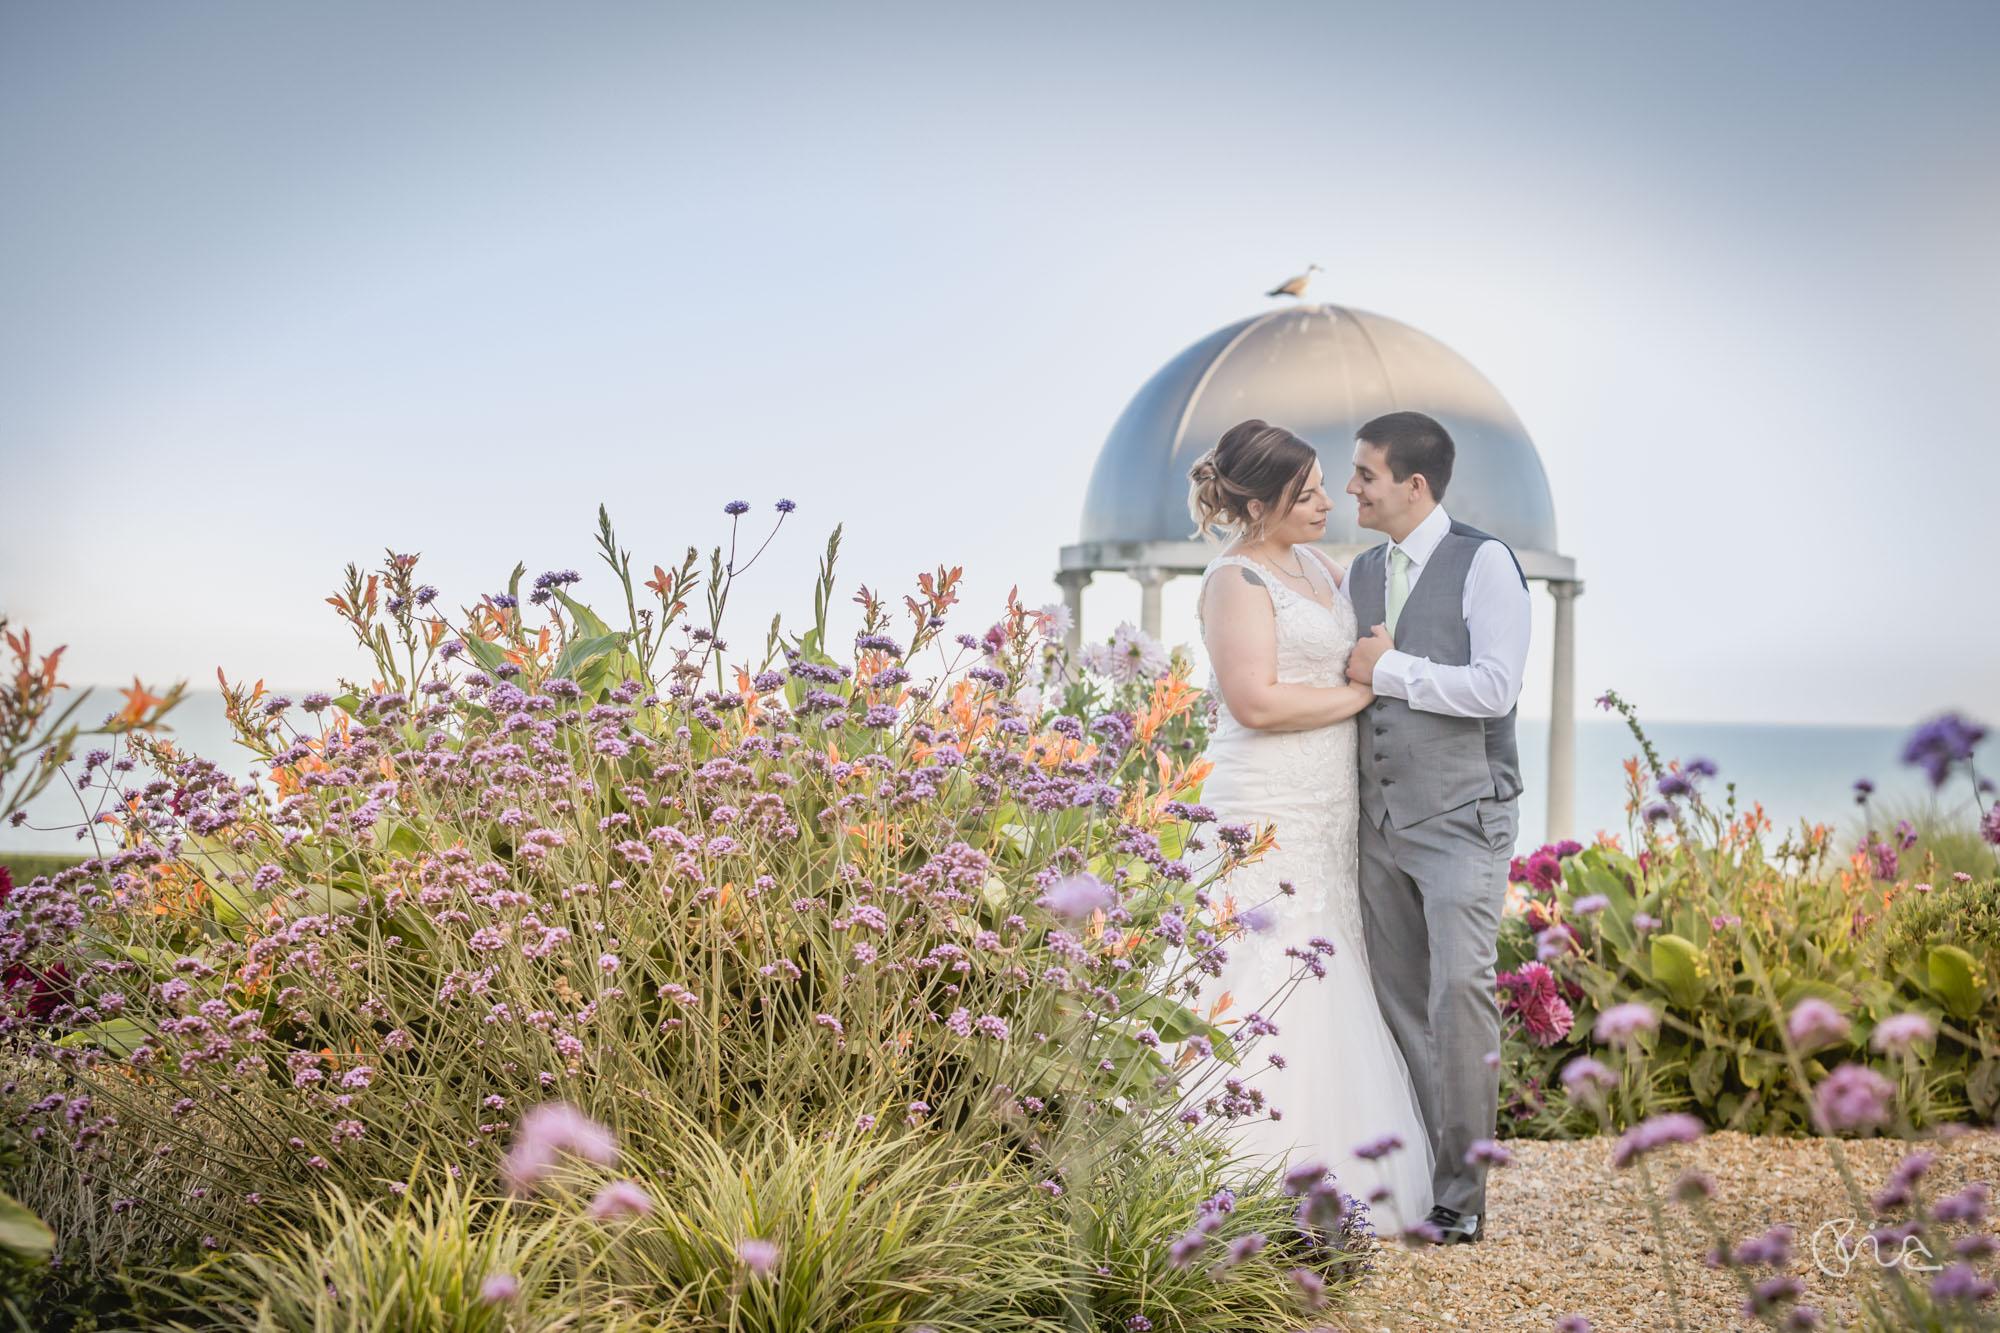 Hydro Hotel wedding